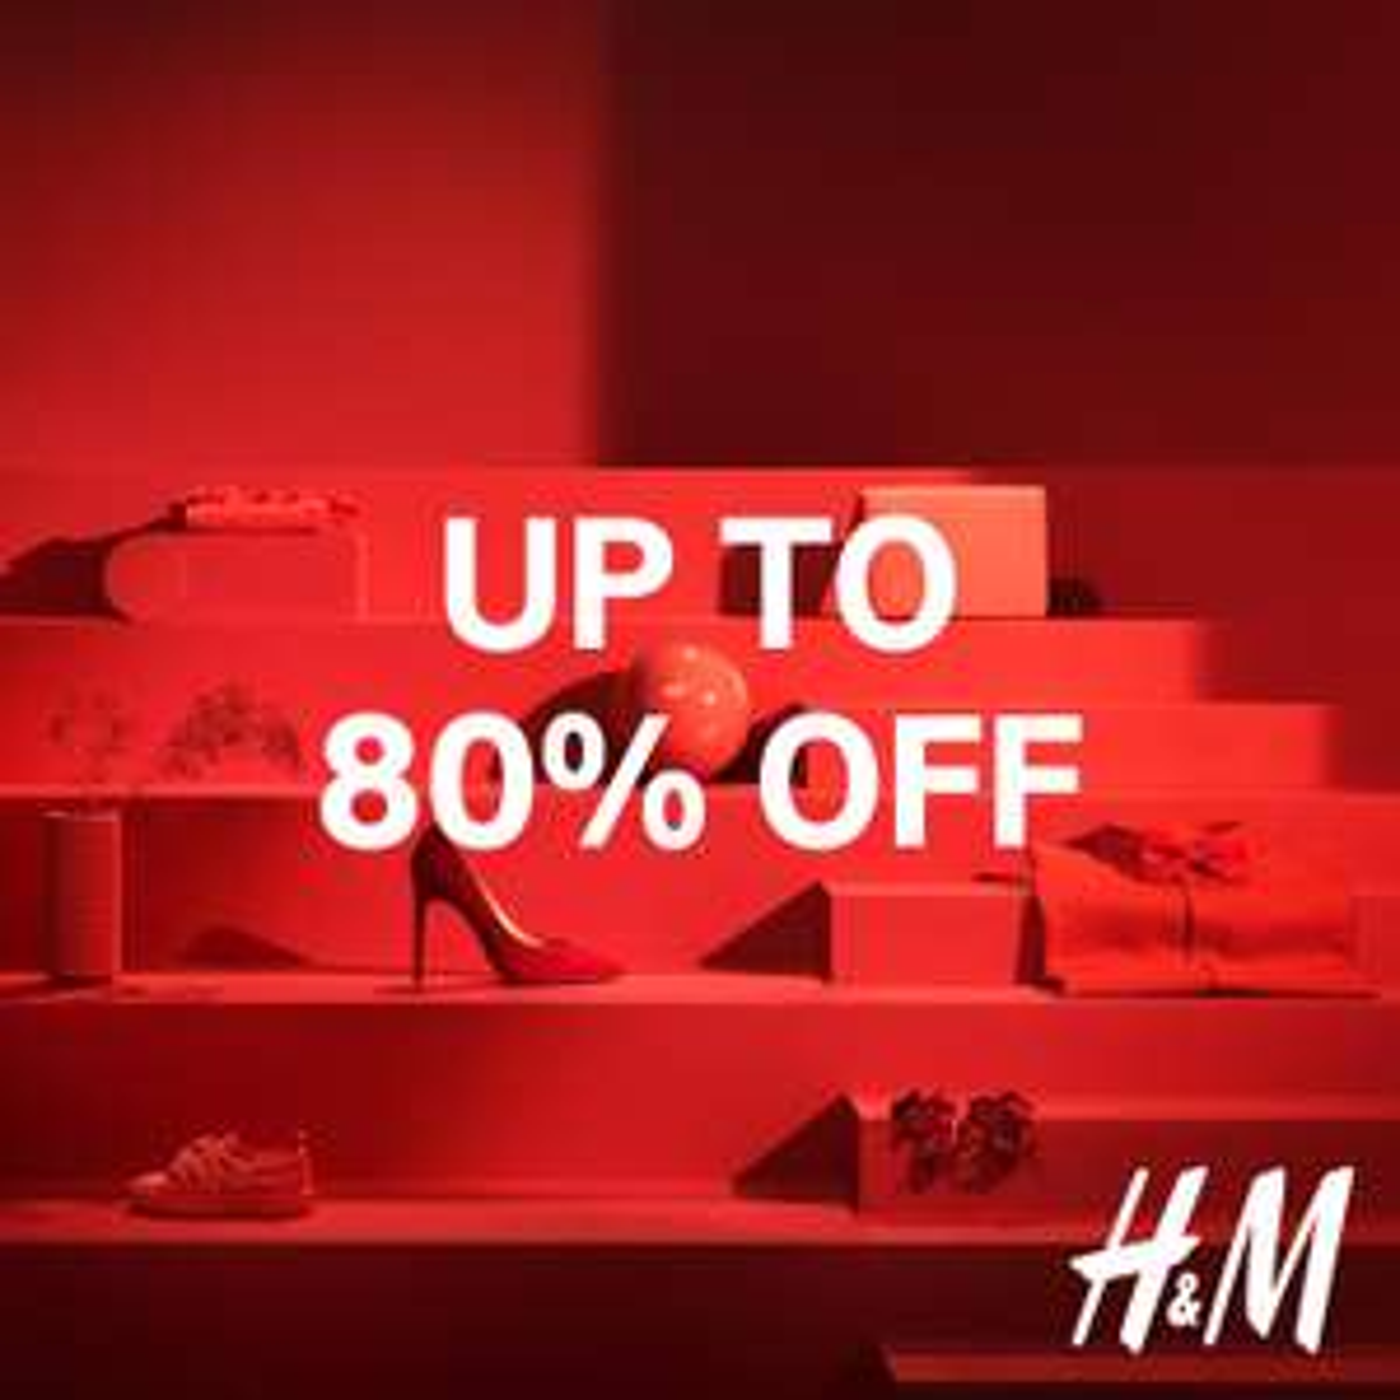 H&M - Sconti fino all'80% su tutte le categorie saldi